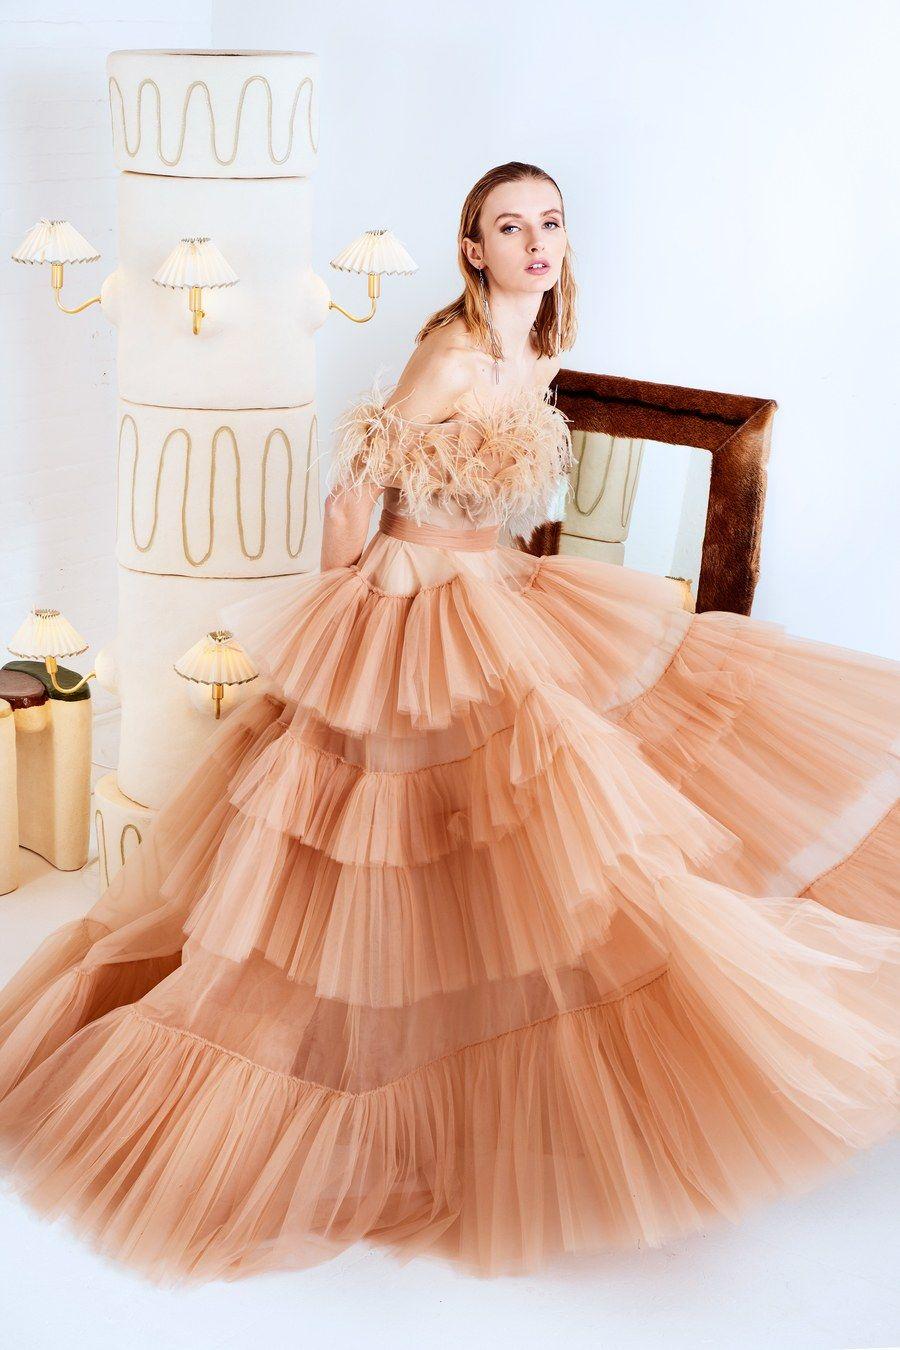 Christian Siriano Pre Fall 2020 Fashion Show Ball Gowns Gowns Christian Siriano